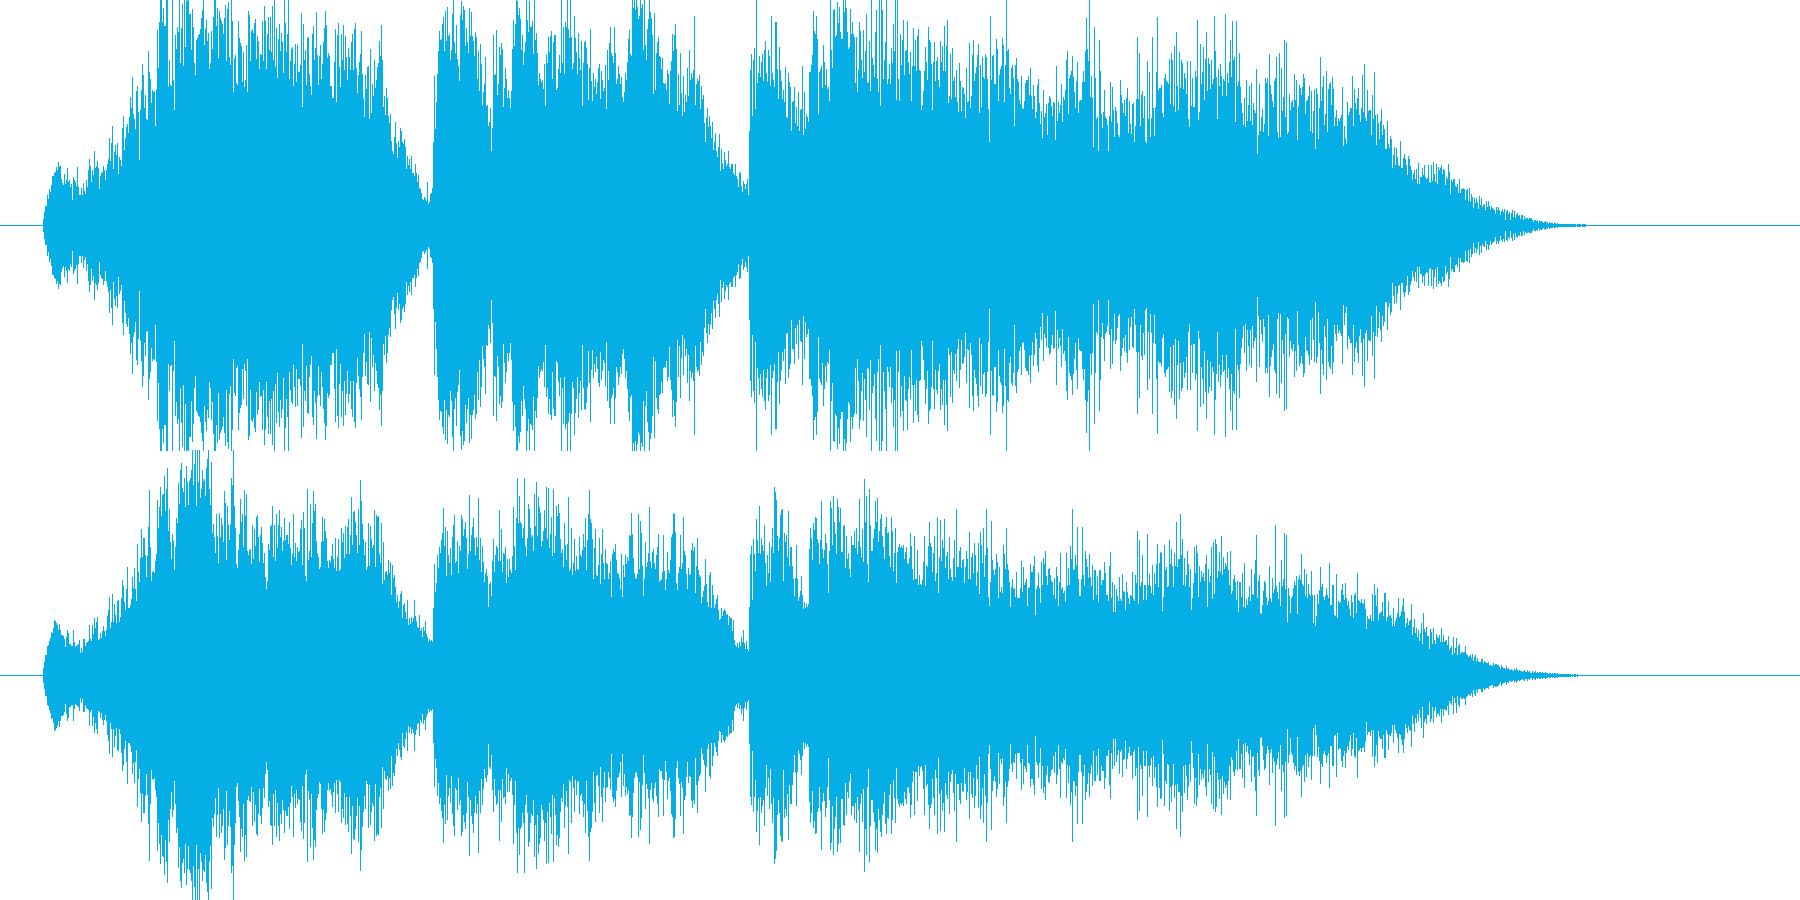 衝撃的なシンセ・シンバルのサウンドの再生済みの波形